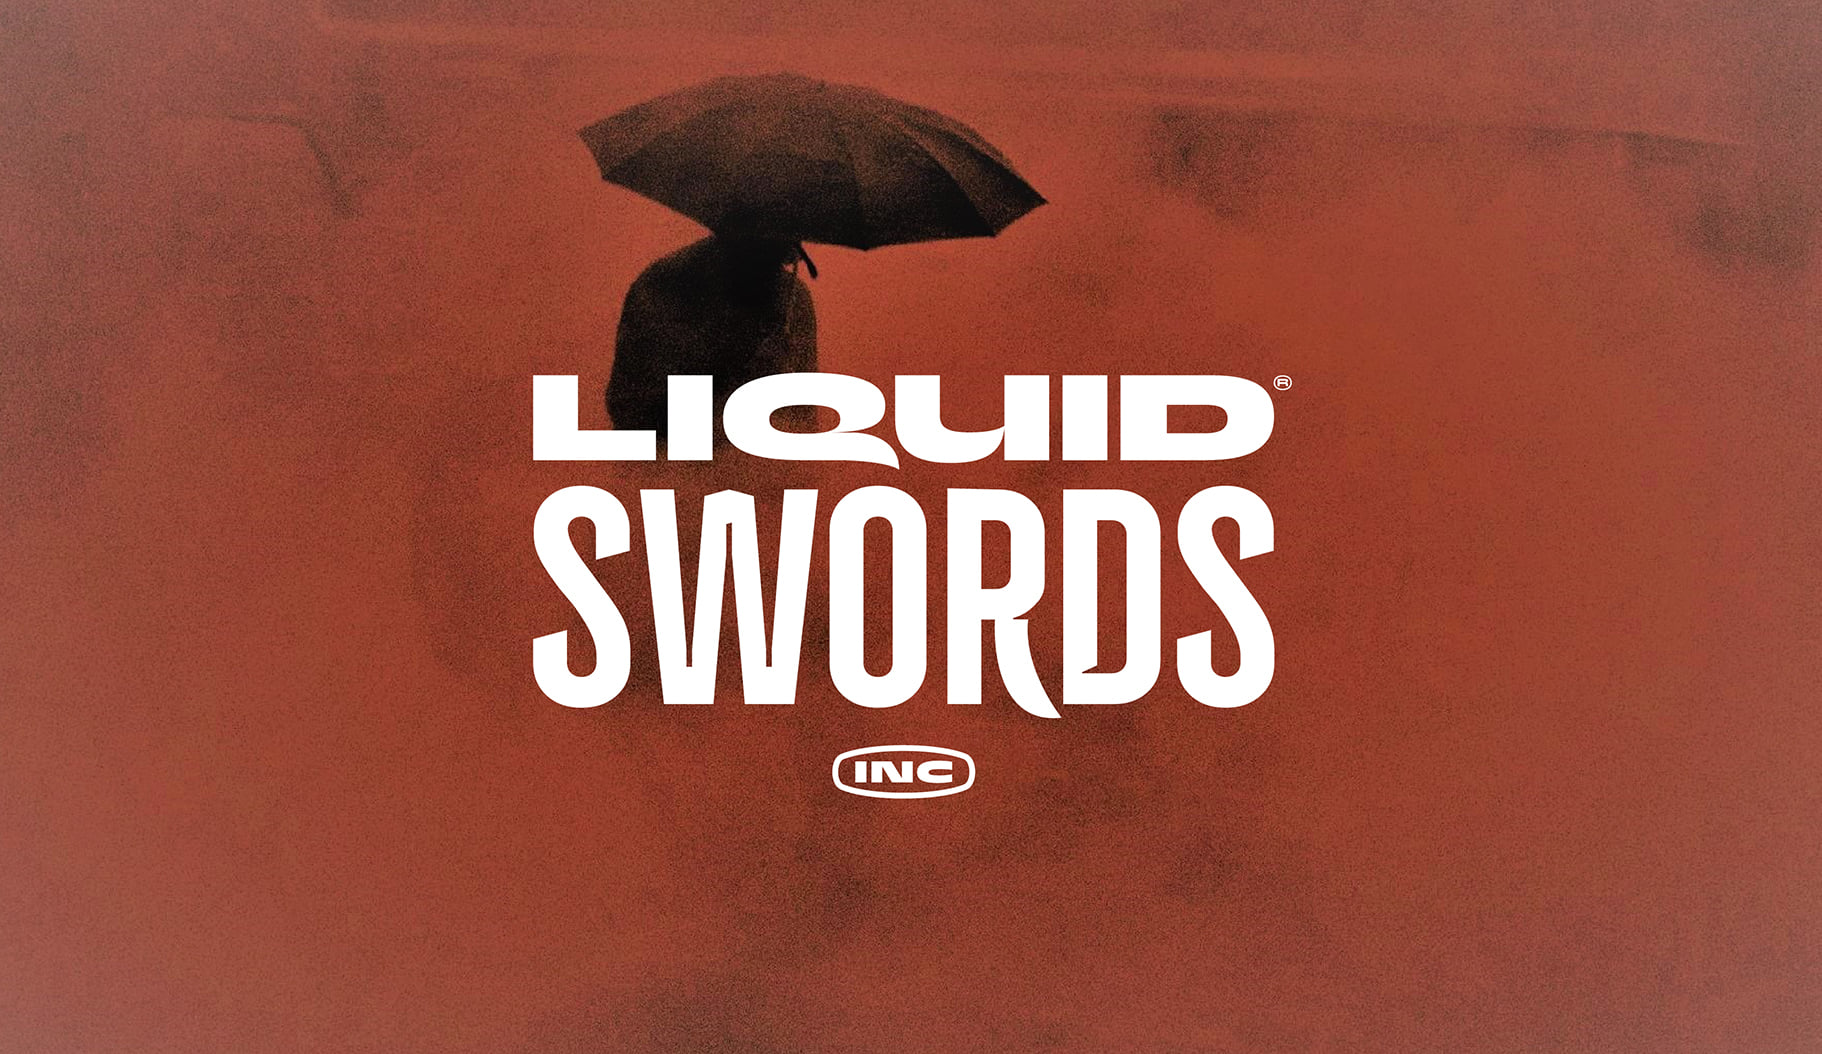 Создатель серии Just Cause основал новую игровую студию Liquid Swords